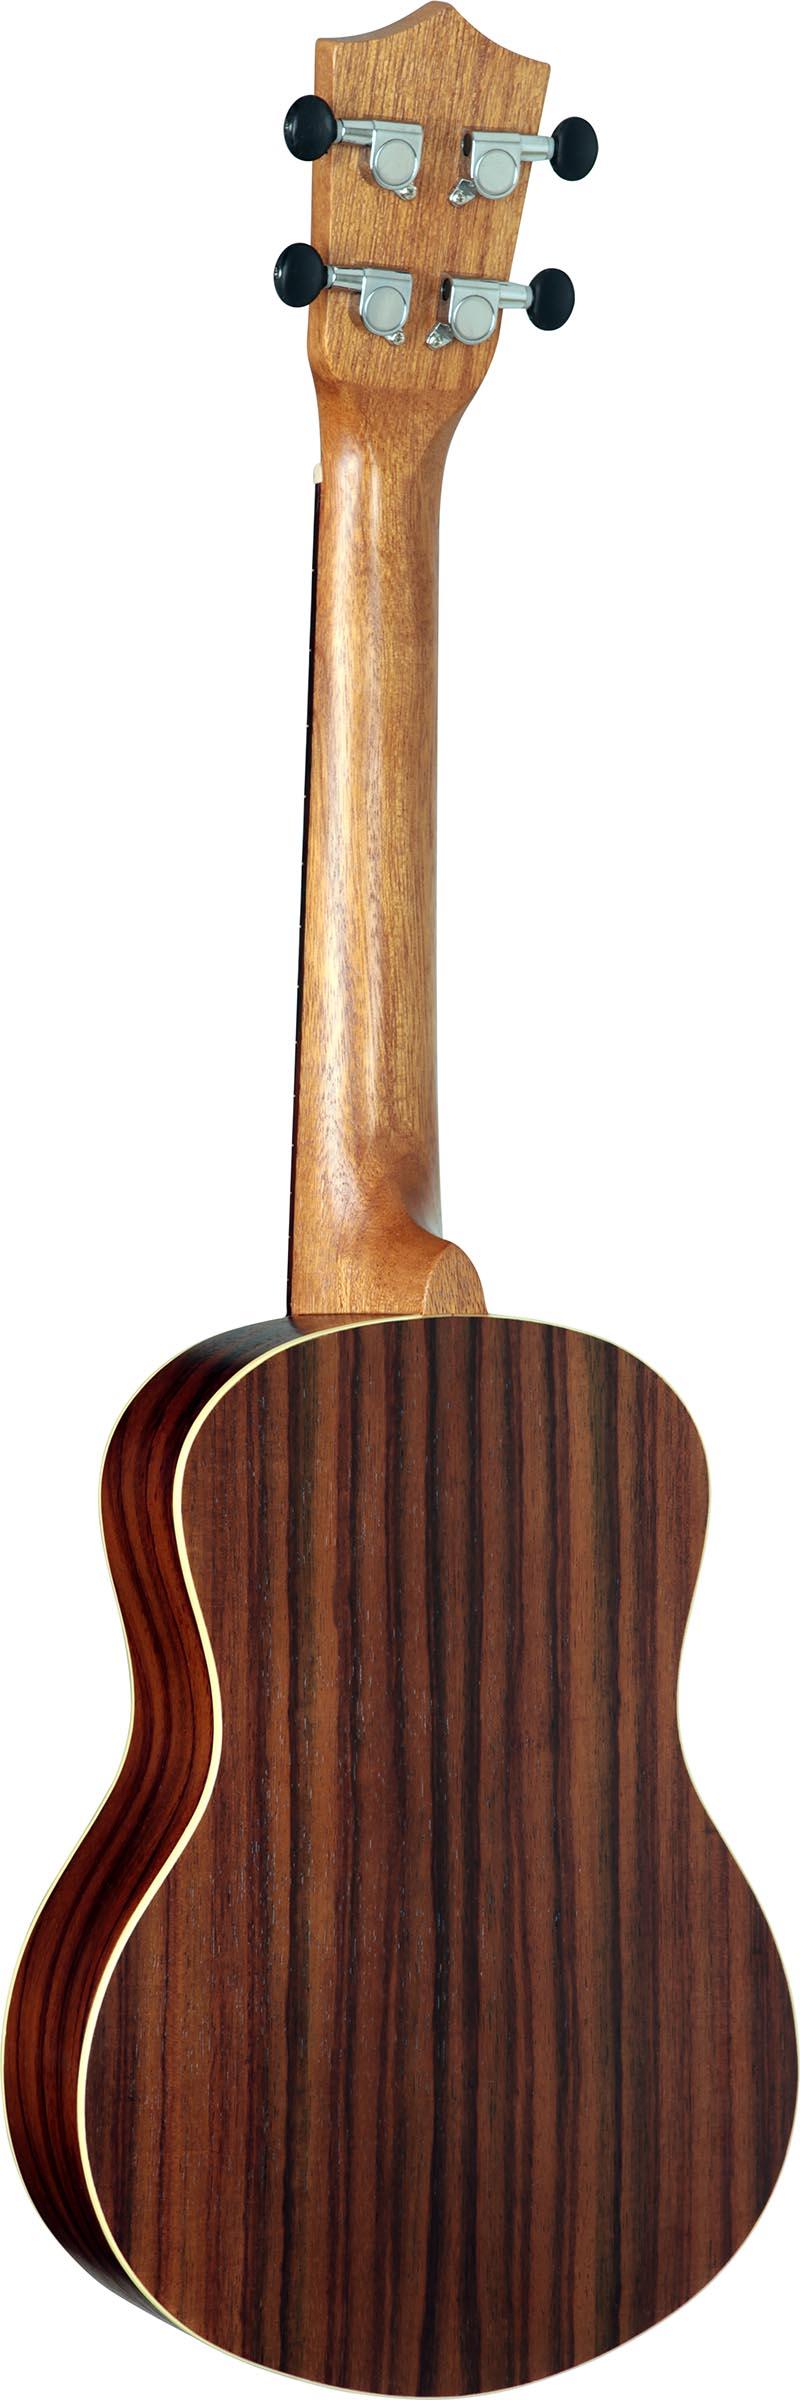 su25re ukulele tenor eletroacustico shelby su25re stnt jacaranda acetinado visao posterior vertical